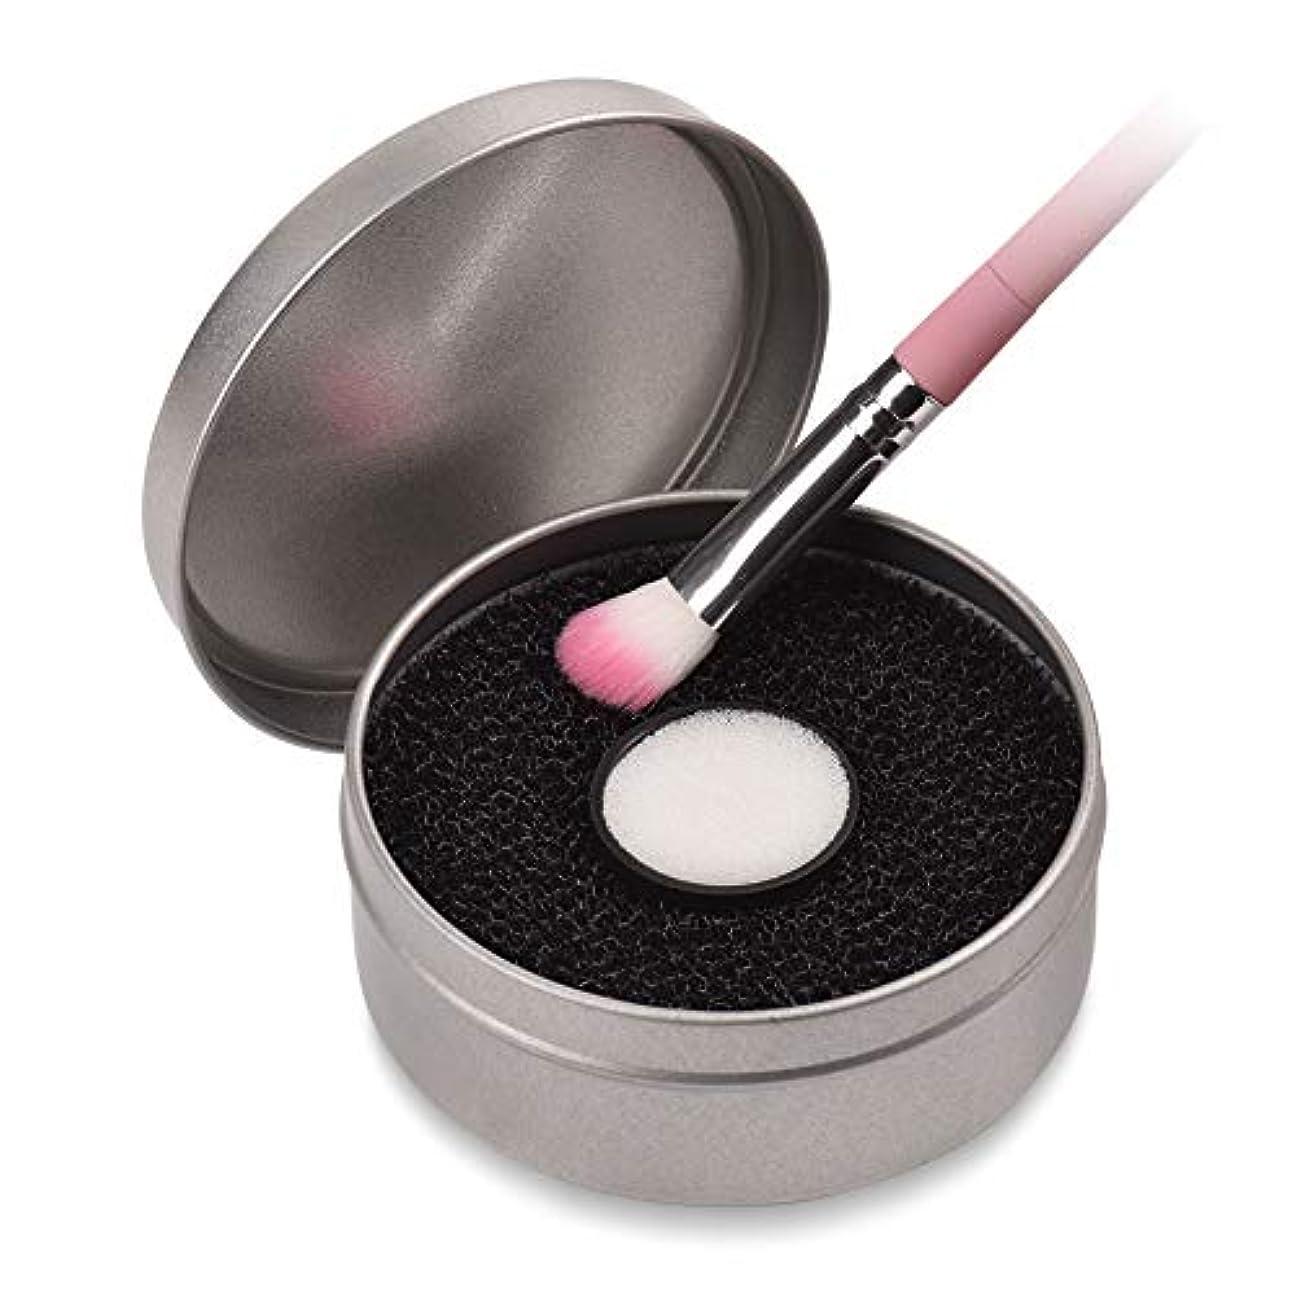 旅行者耐久みすぼらしいブラシクリナー メイクブラシクリーニング キットのカラースイッチ 洗う必要はなく 色を簡単に取り除く ブラシカラー除去スポンジ ブラシクリーナーボックス CtopoGo (ブラック)